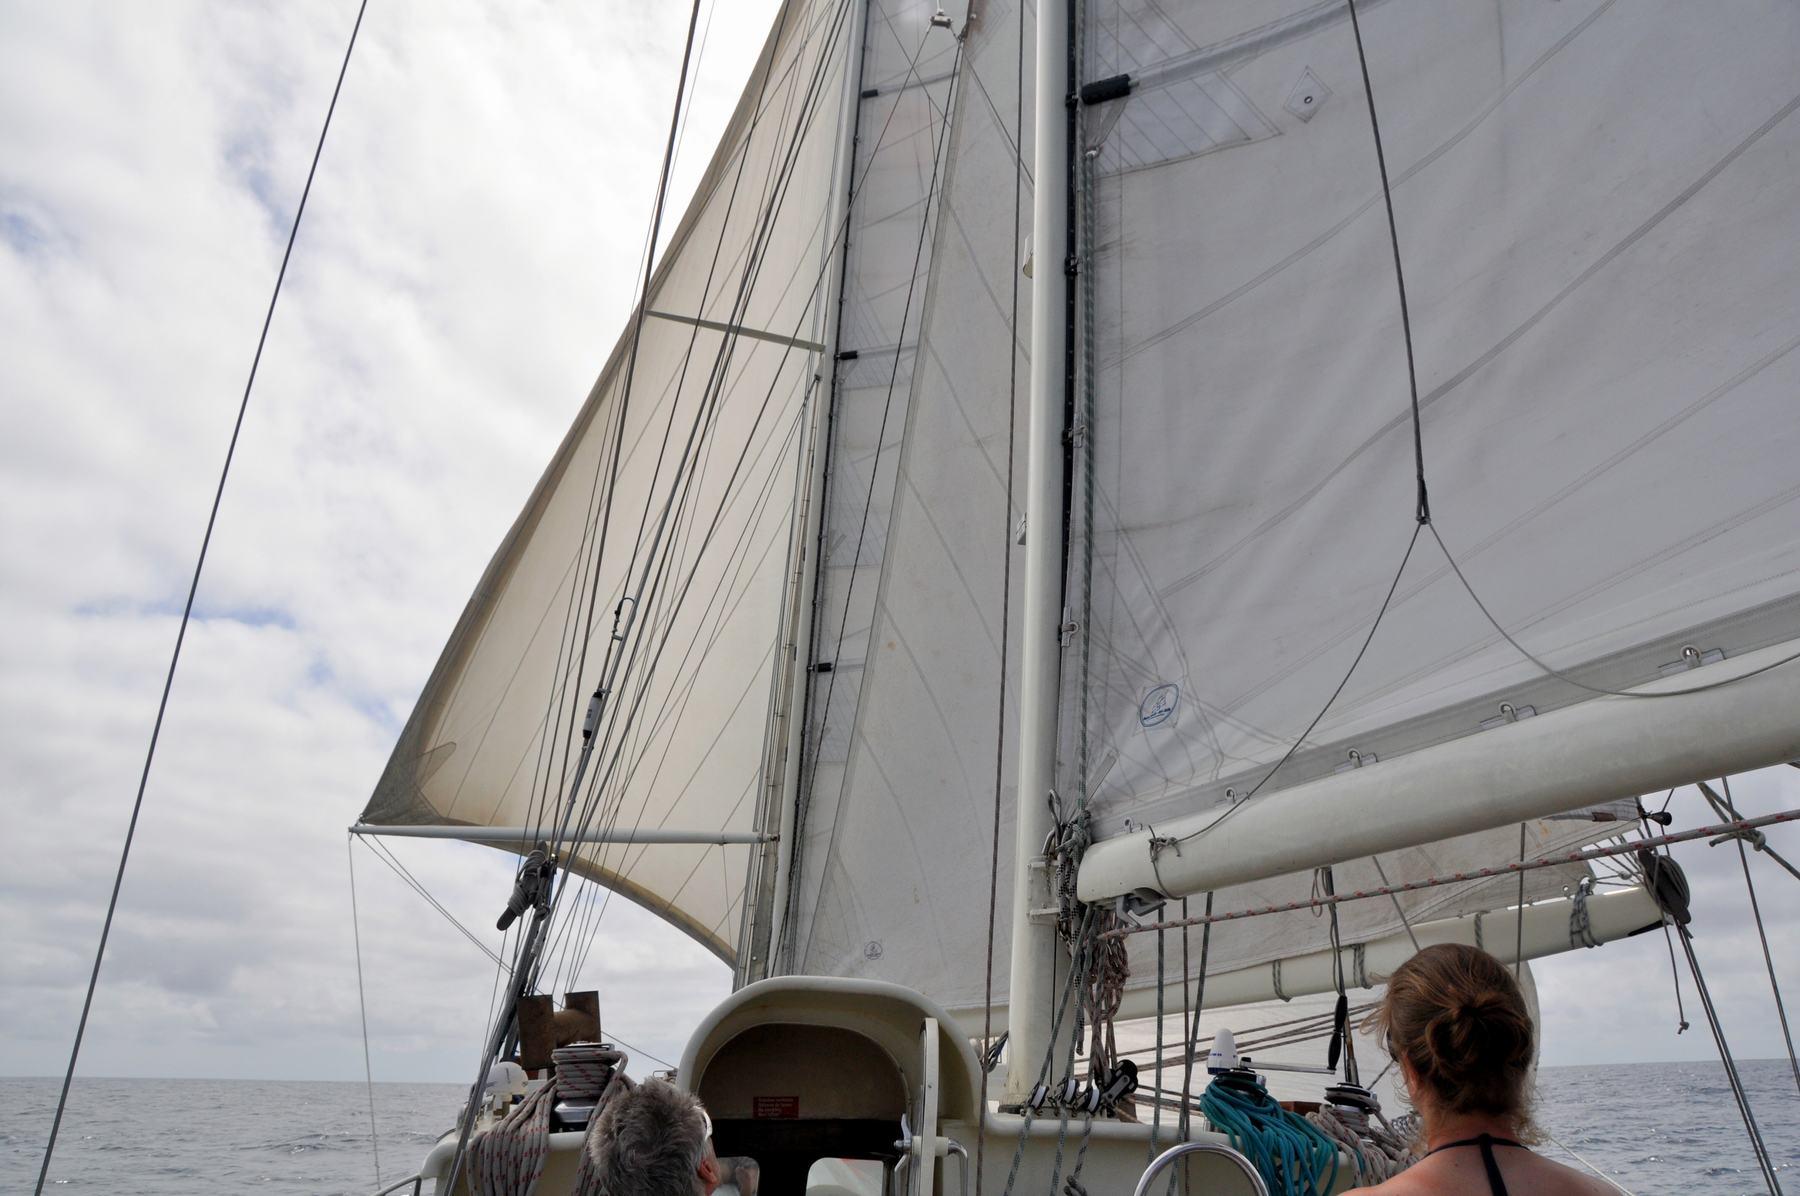 Voile sur l'océan avec Anne-Margaretha